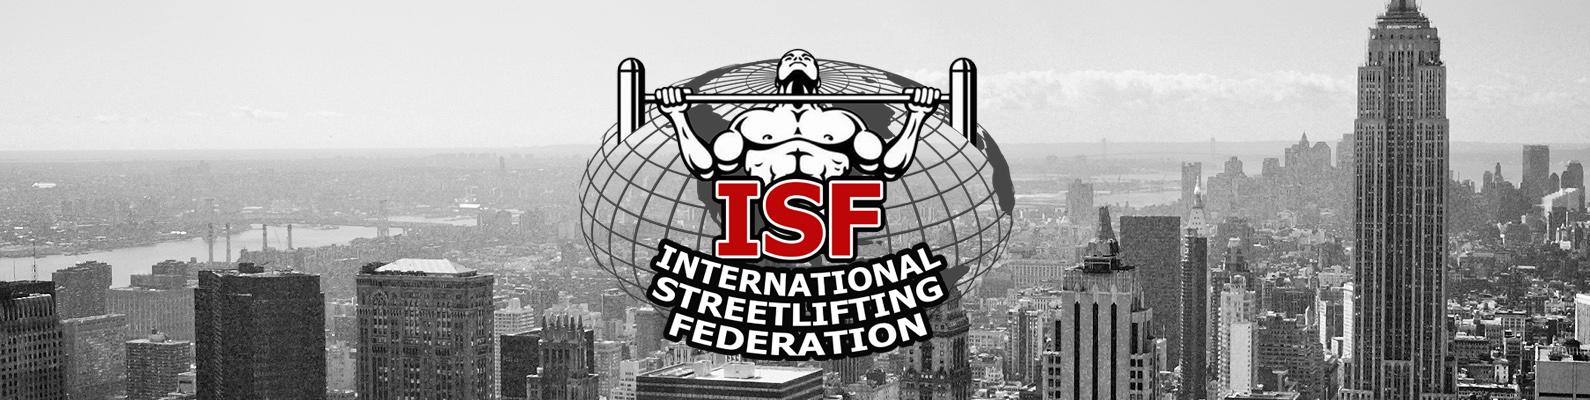 Новый сайт, членские взносы и ISF в Украине